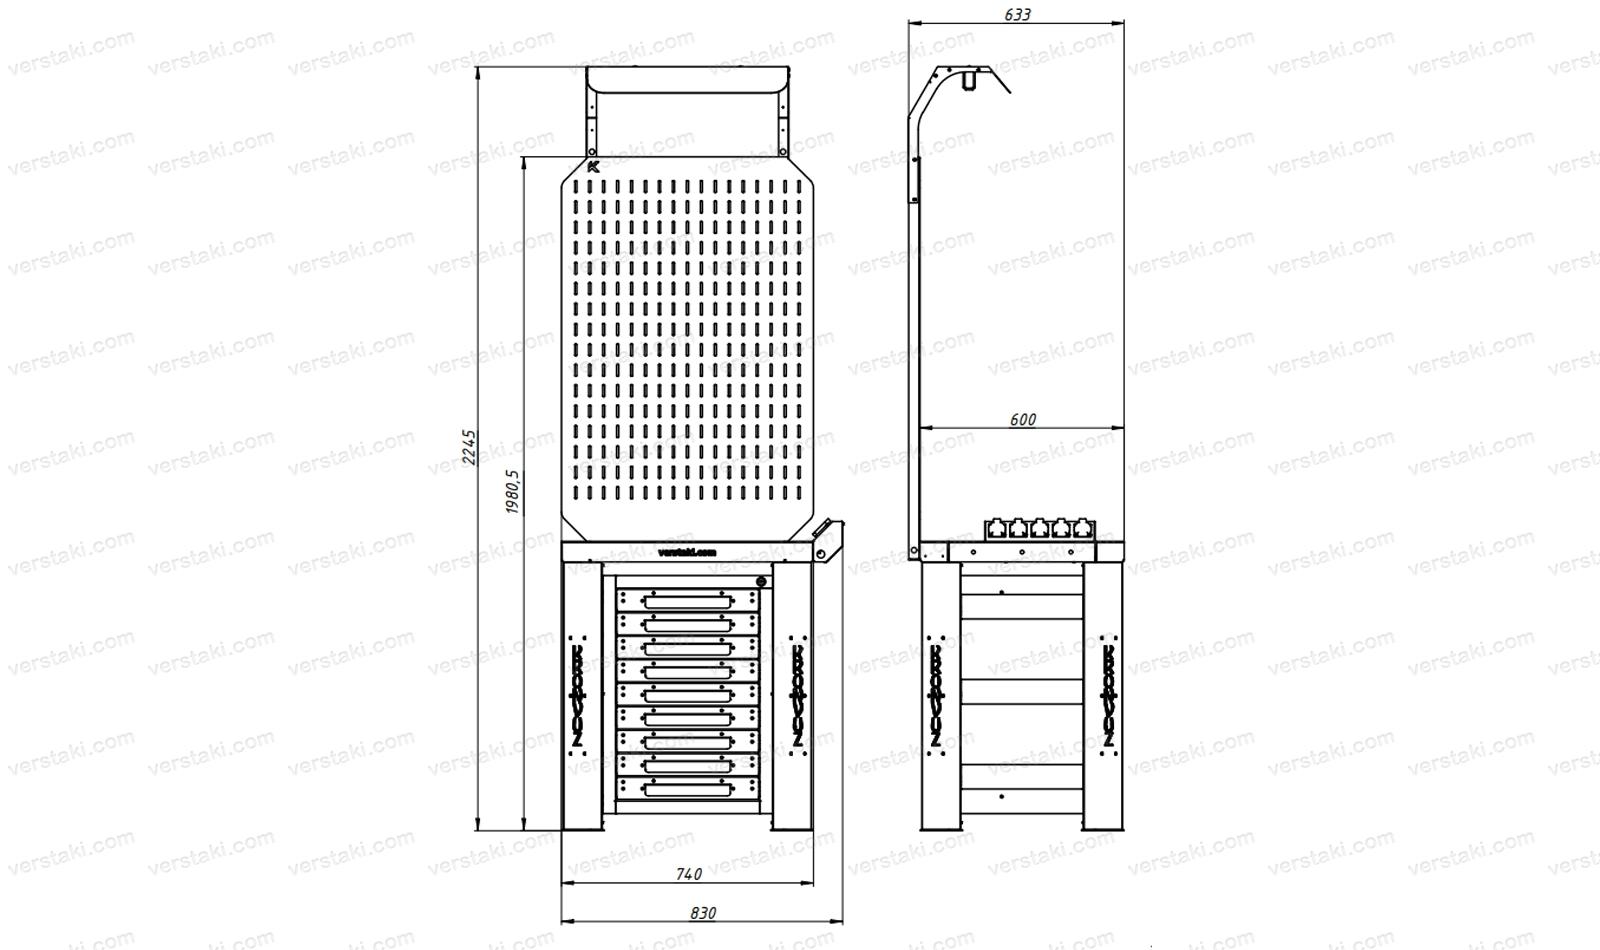 Чертеж слесарного верстака шириной 740 мм вместе с экраном